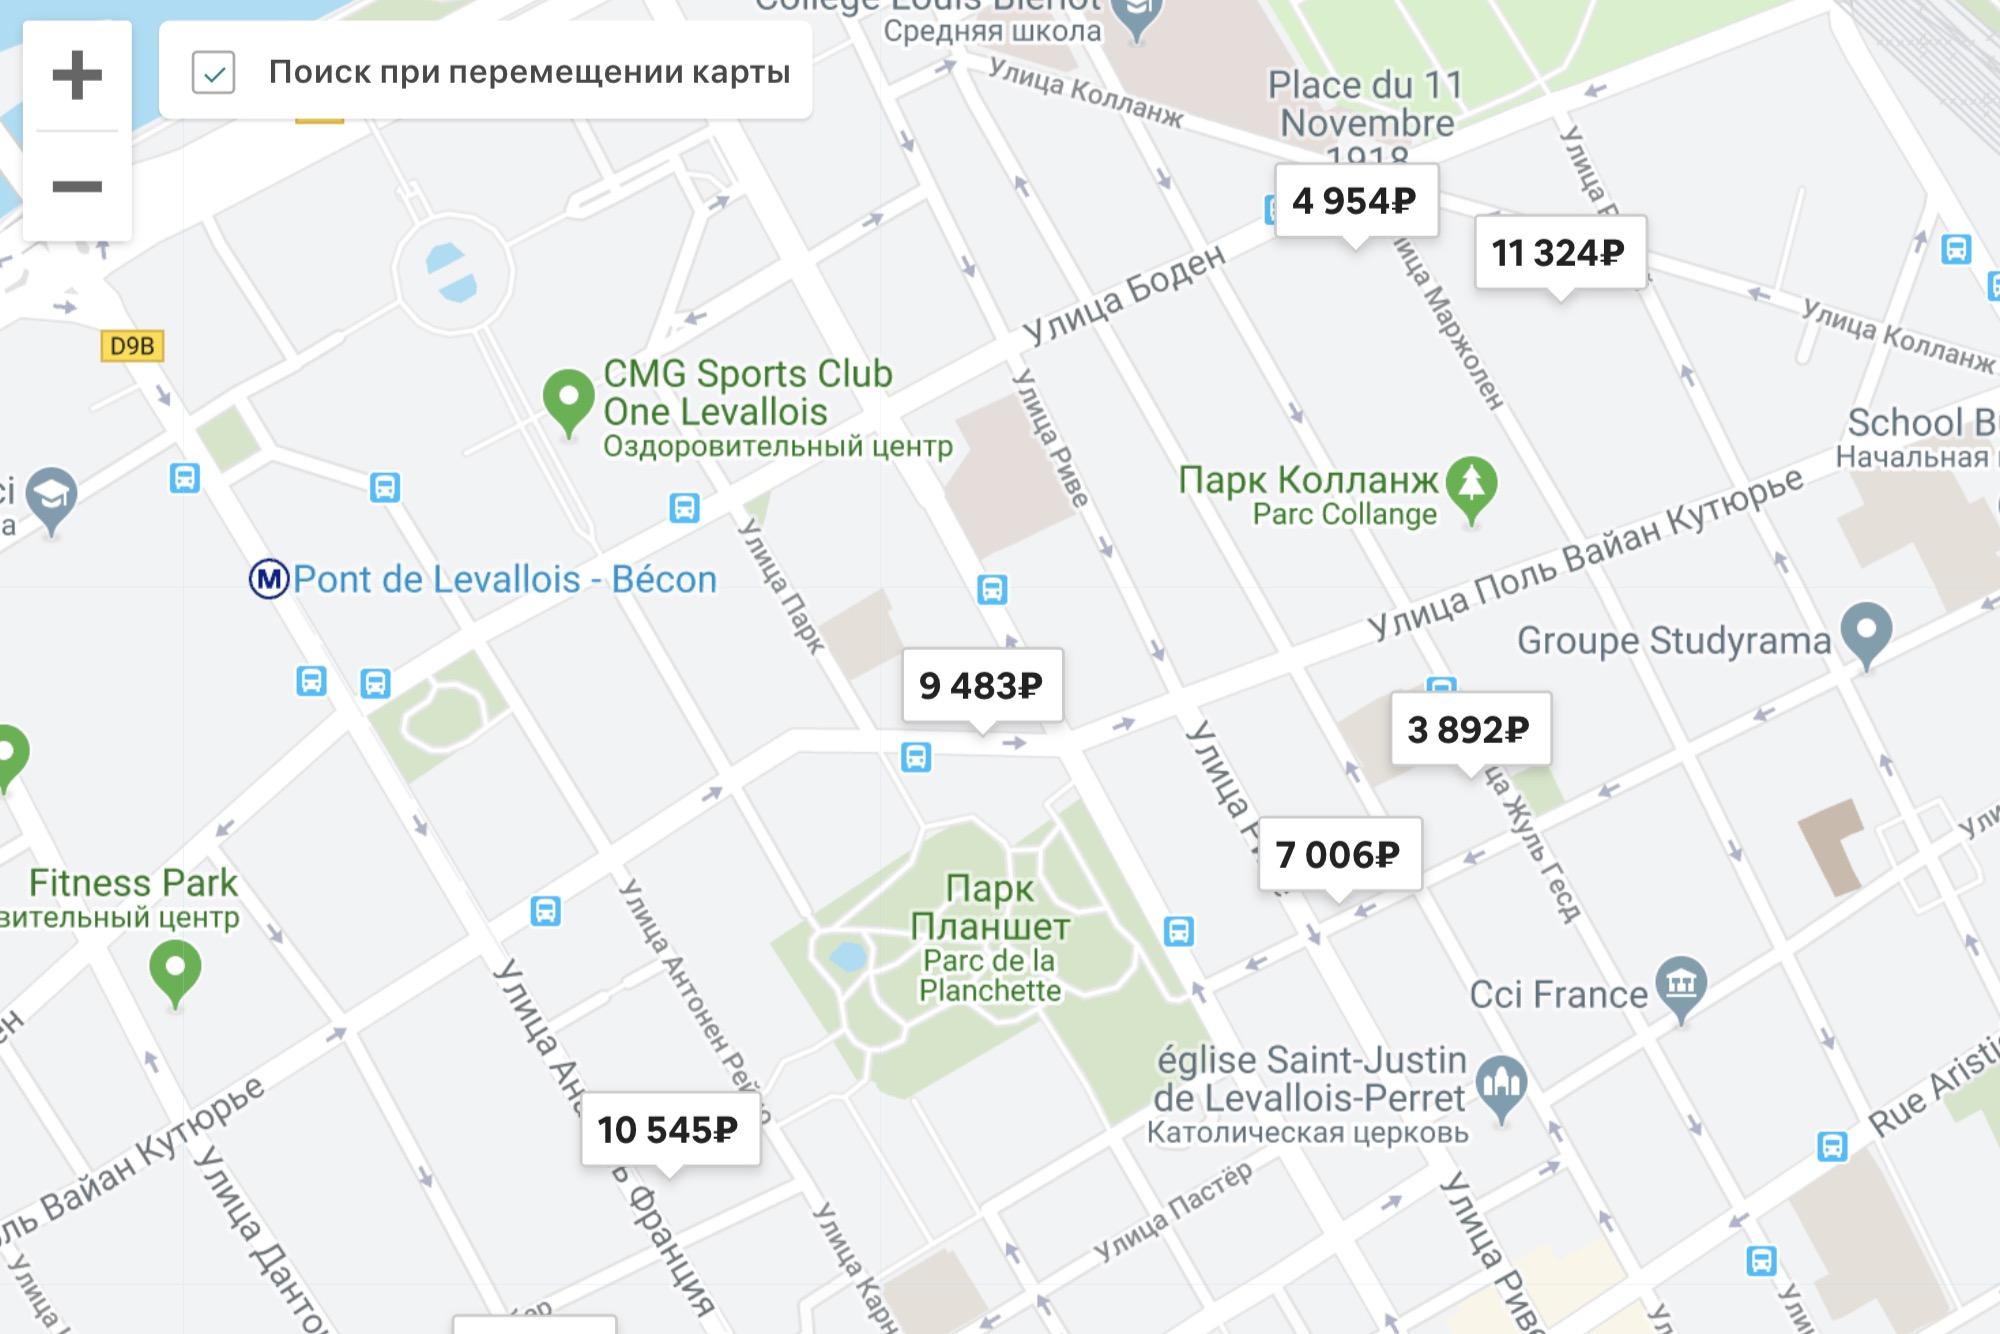 Леваллуа-Перре — спокойный и красивый район между бульваром Периферик и набережной Сены. Но квартира на «Эйр-би-эн-би» здесь стоит в среднем 80€ в сутки